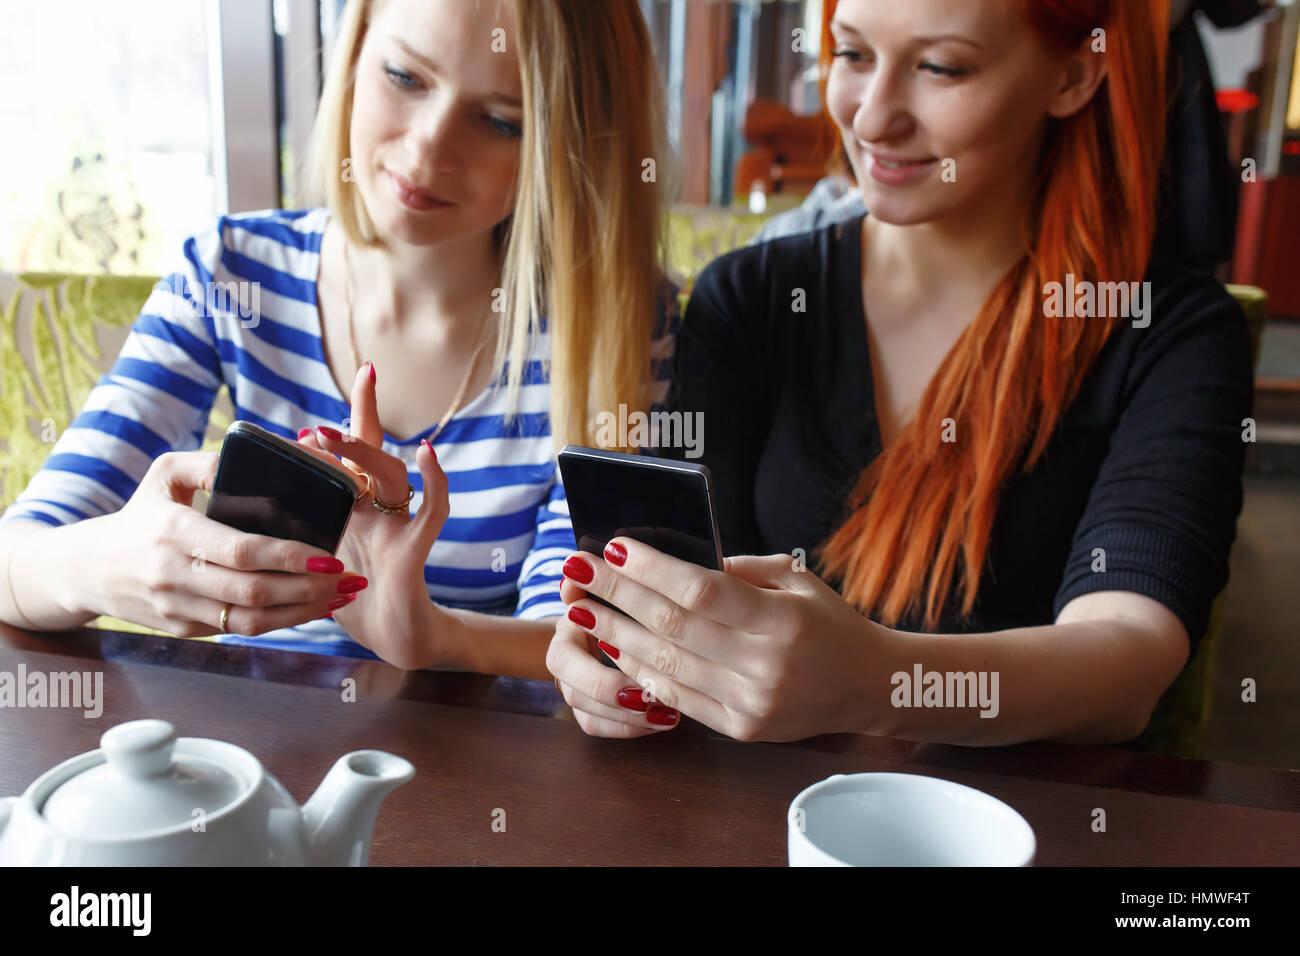 Deux femmes s'amuser au café et à la recherche de téléphone intelligent. Photo Stock